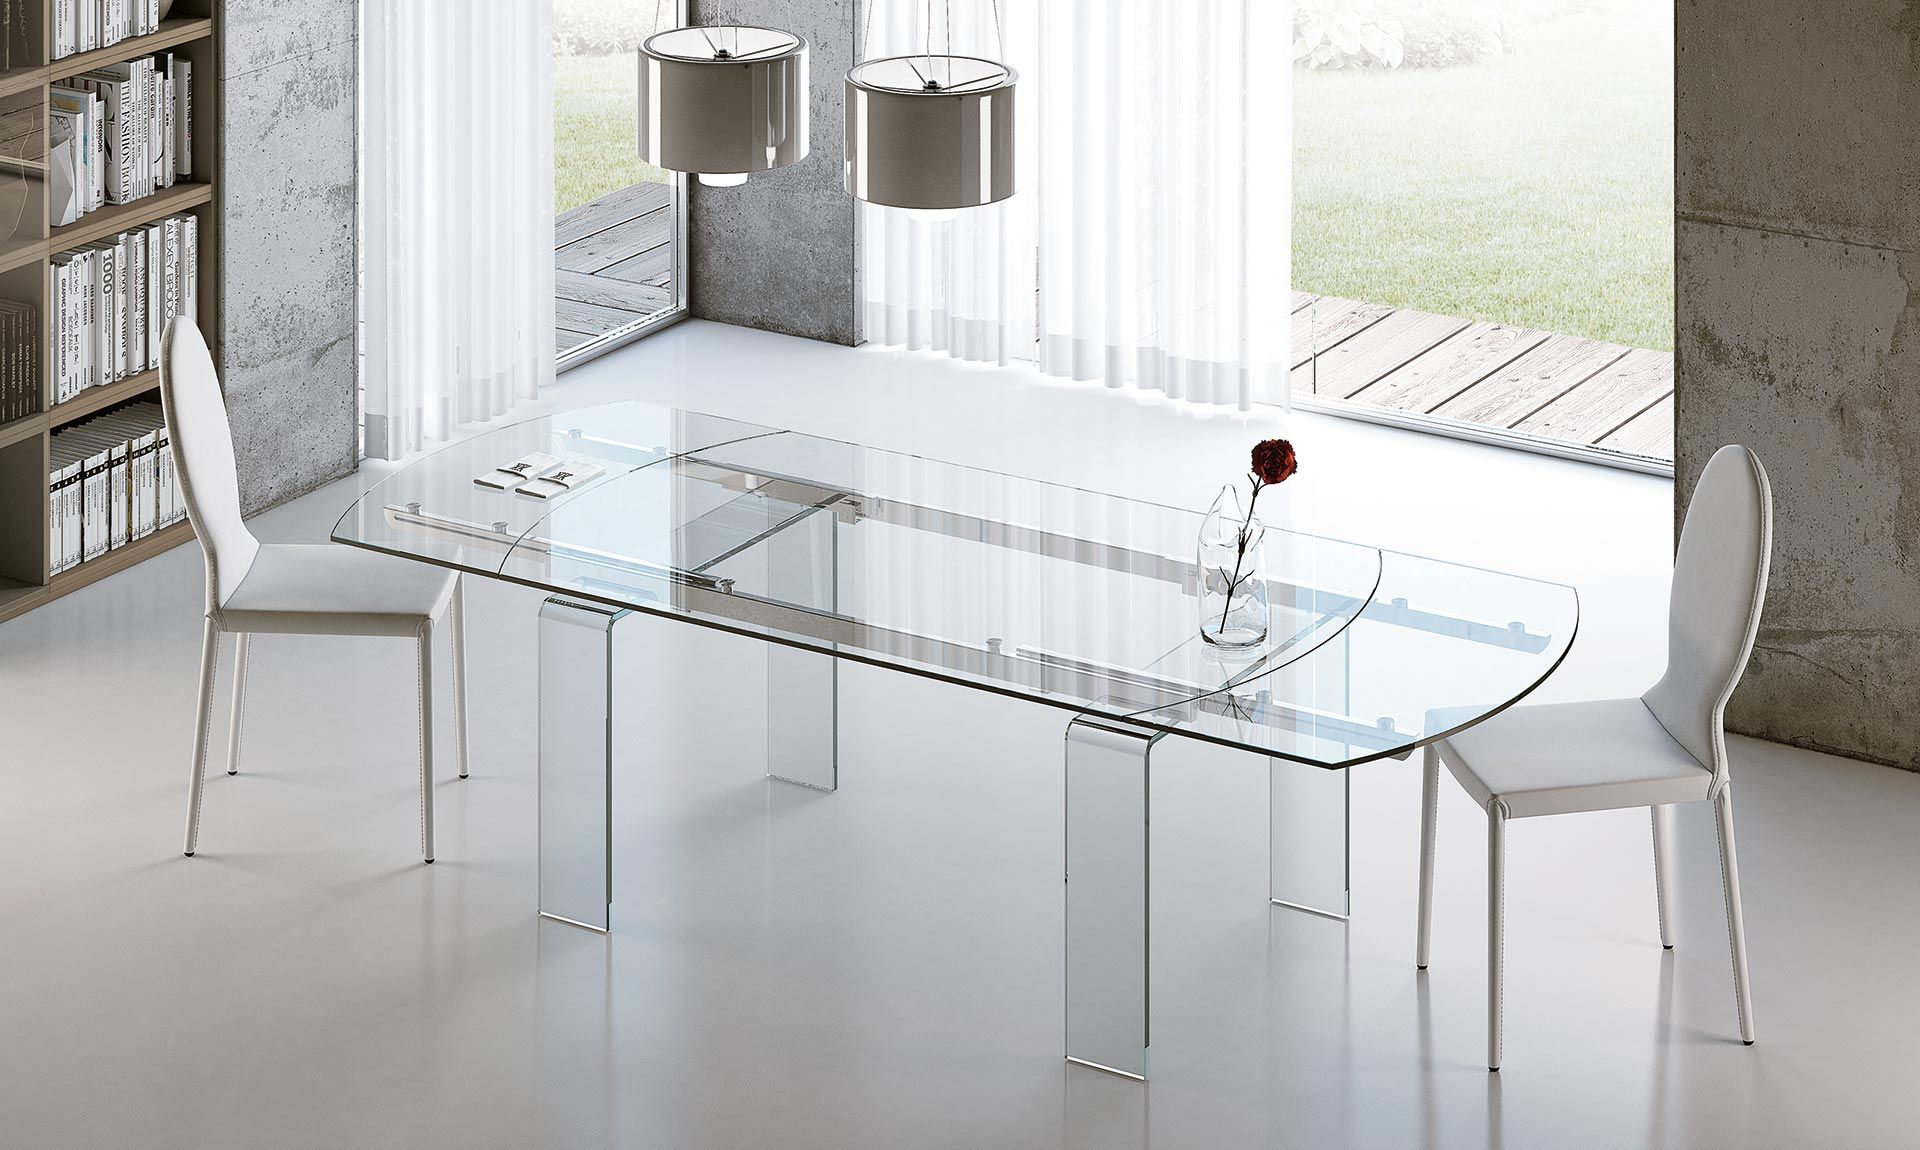 tavolo ovale in vetro lord riflessi tavoli da pranzo